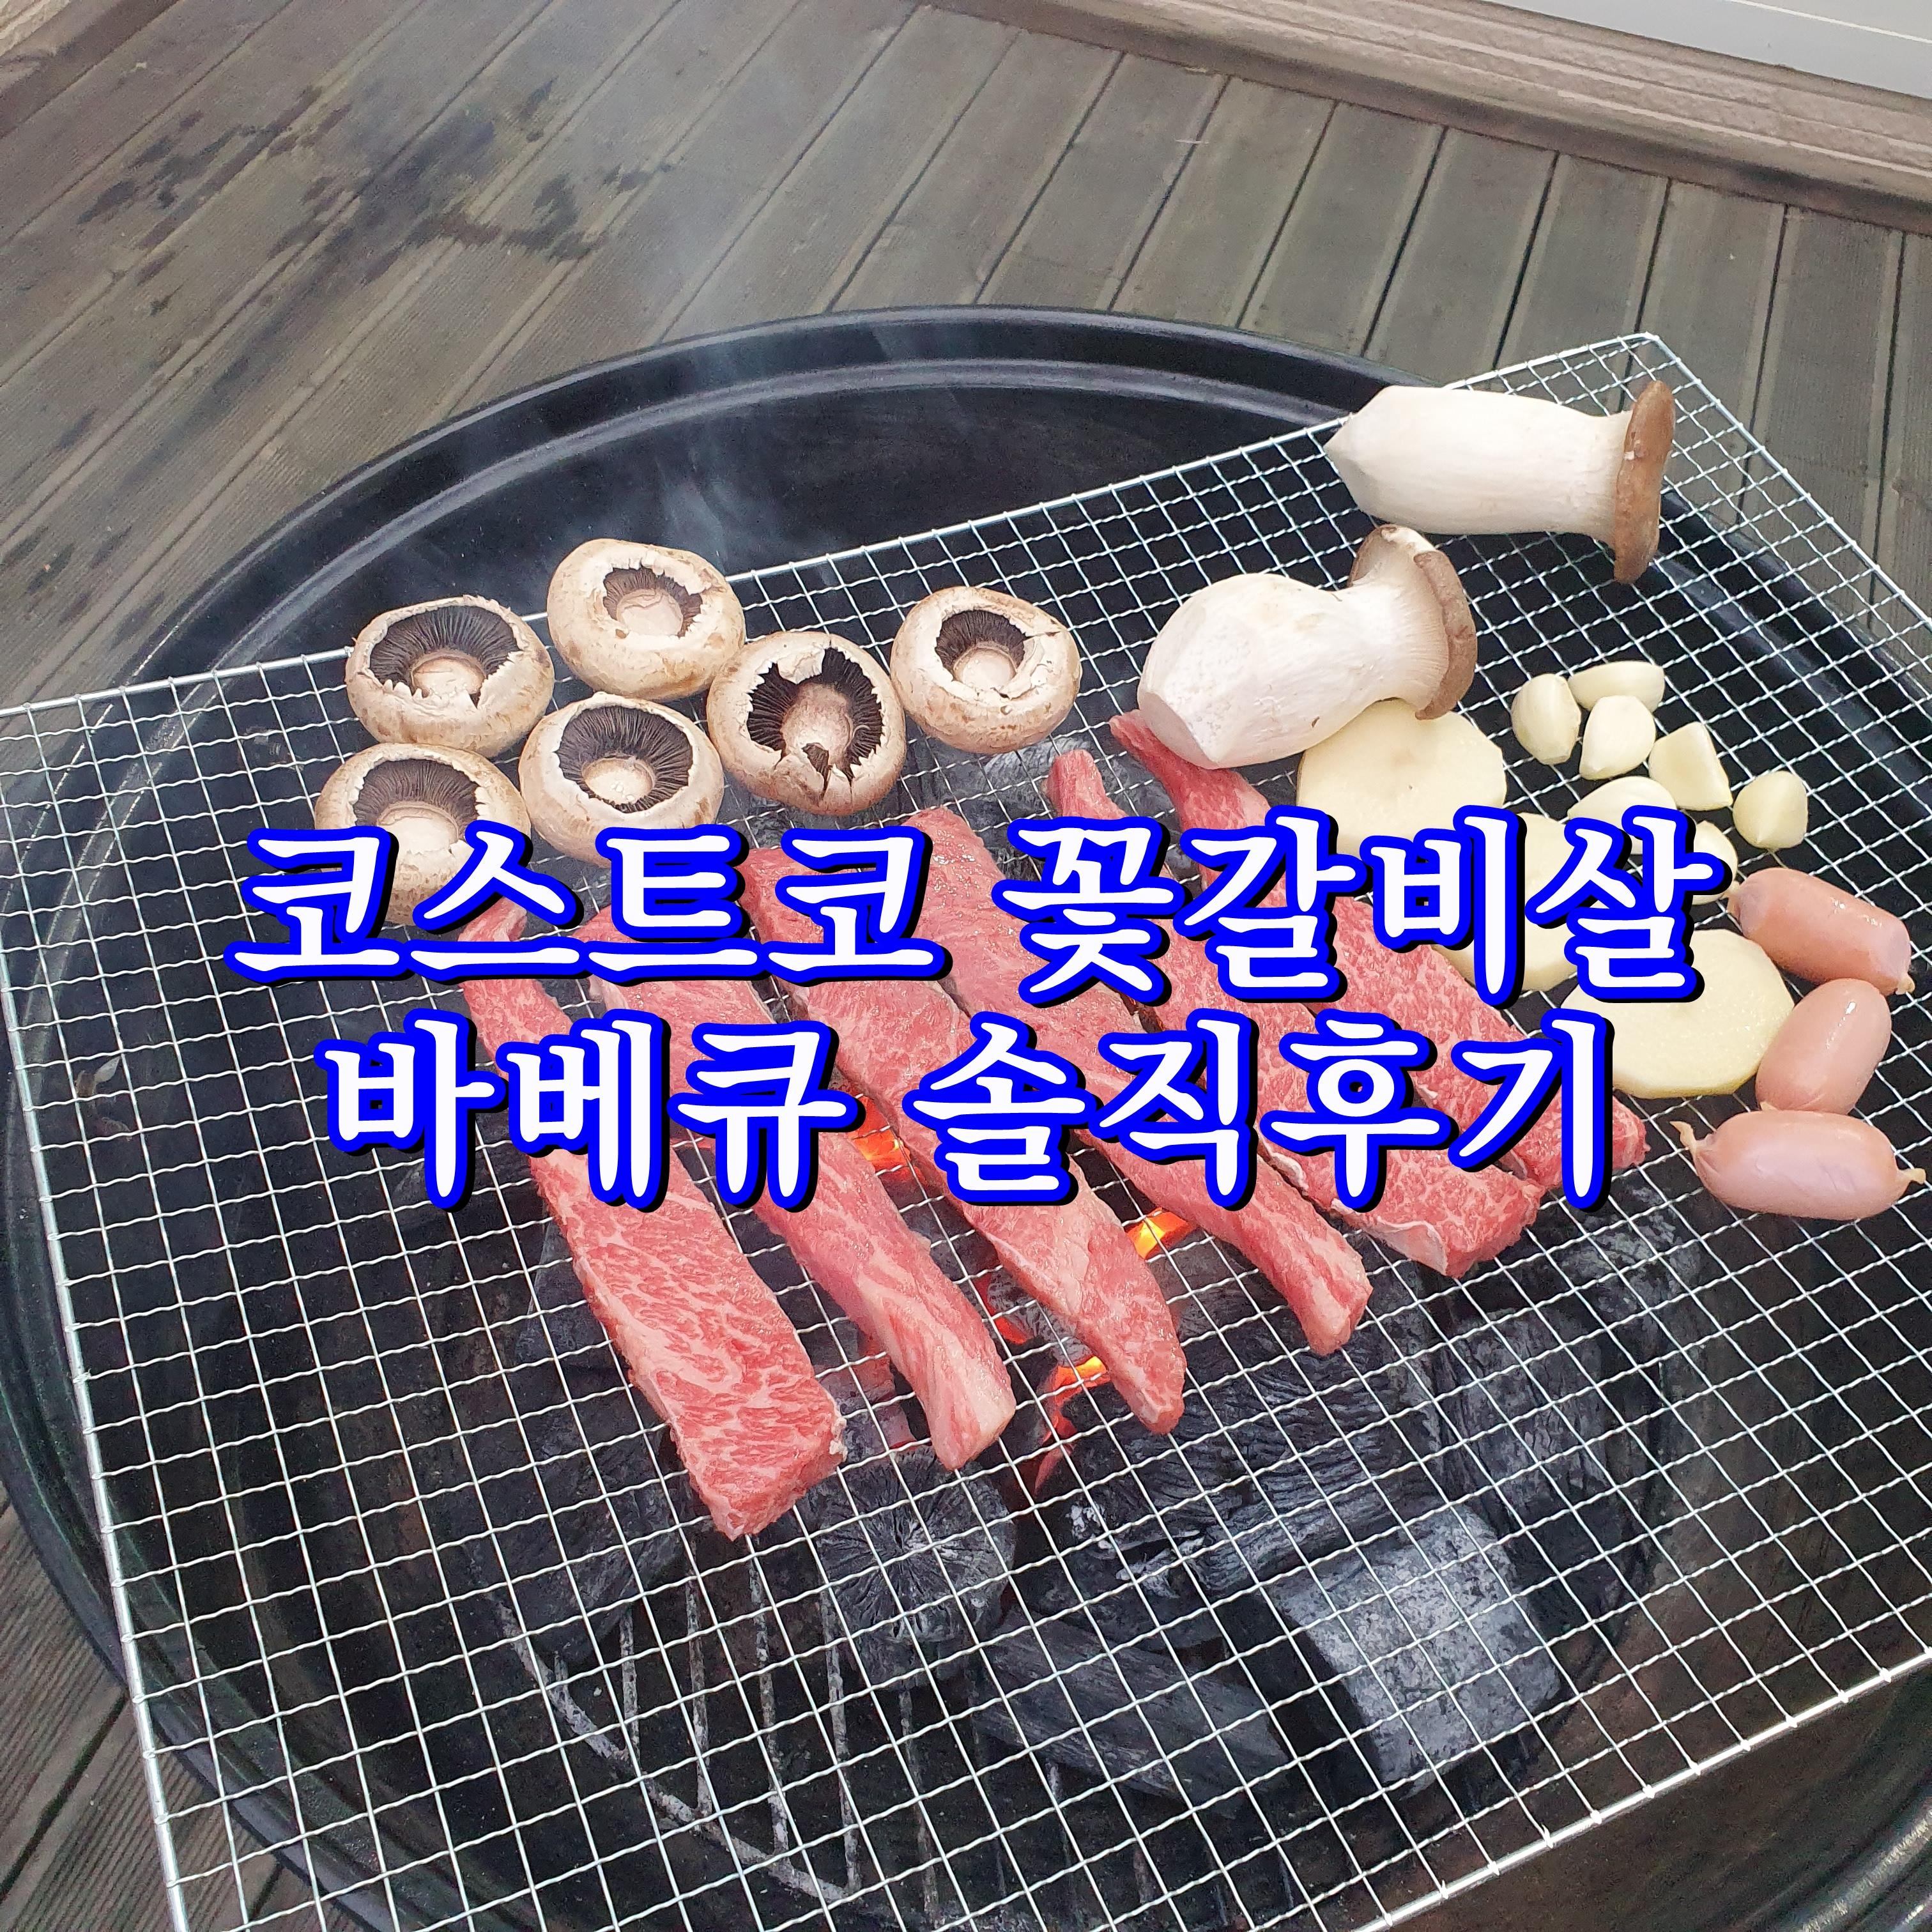 코스트코 꽃갈비살 구매 후기(ft.바베큐 소고기 추천)